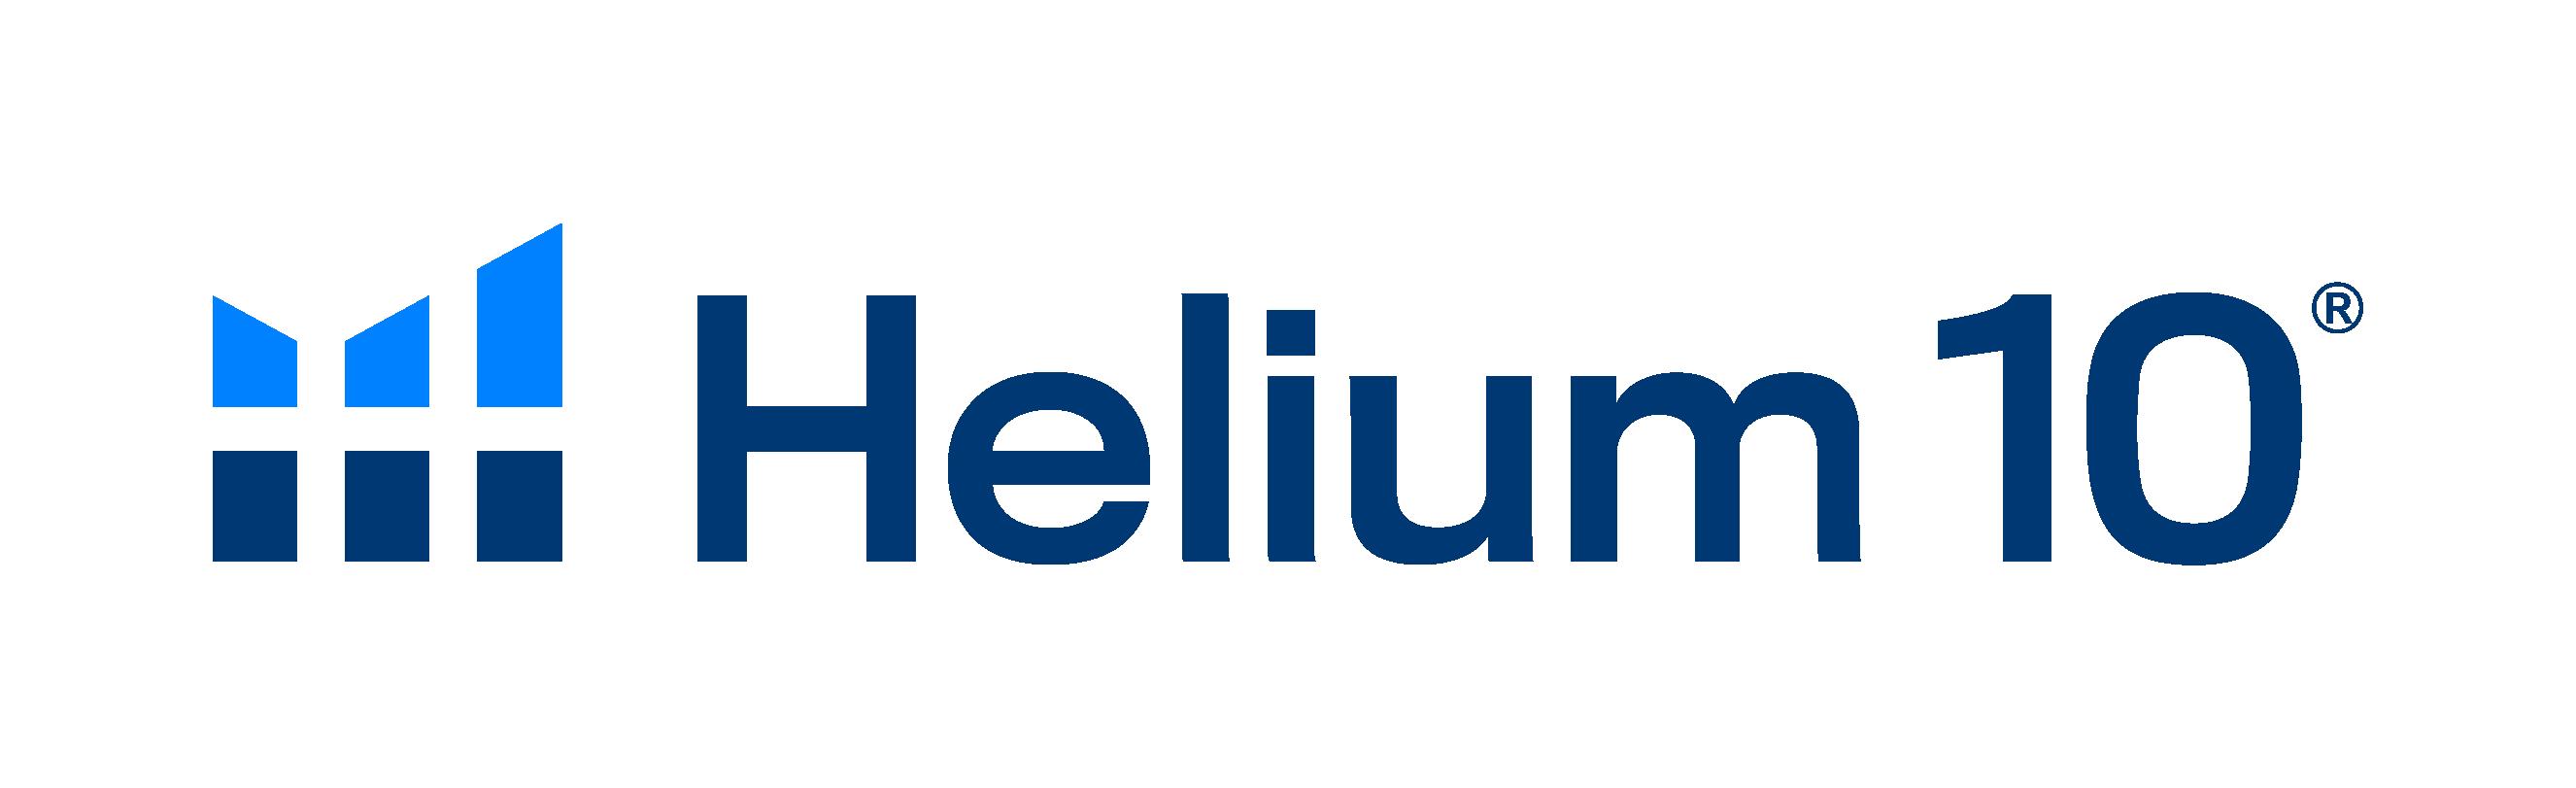 Helium 10 Trendster Anleitung